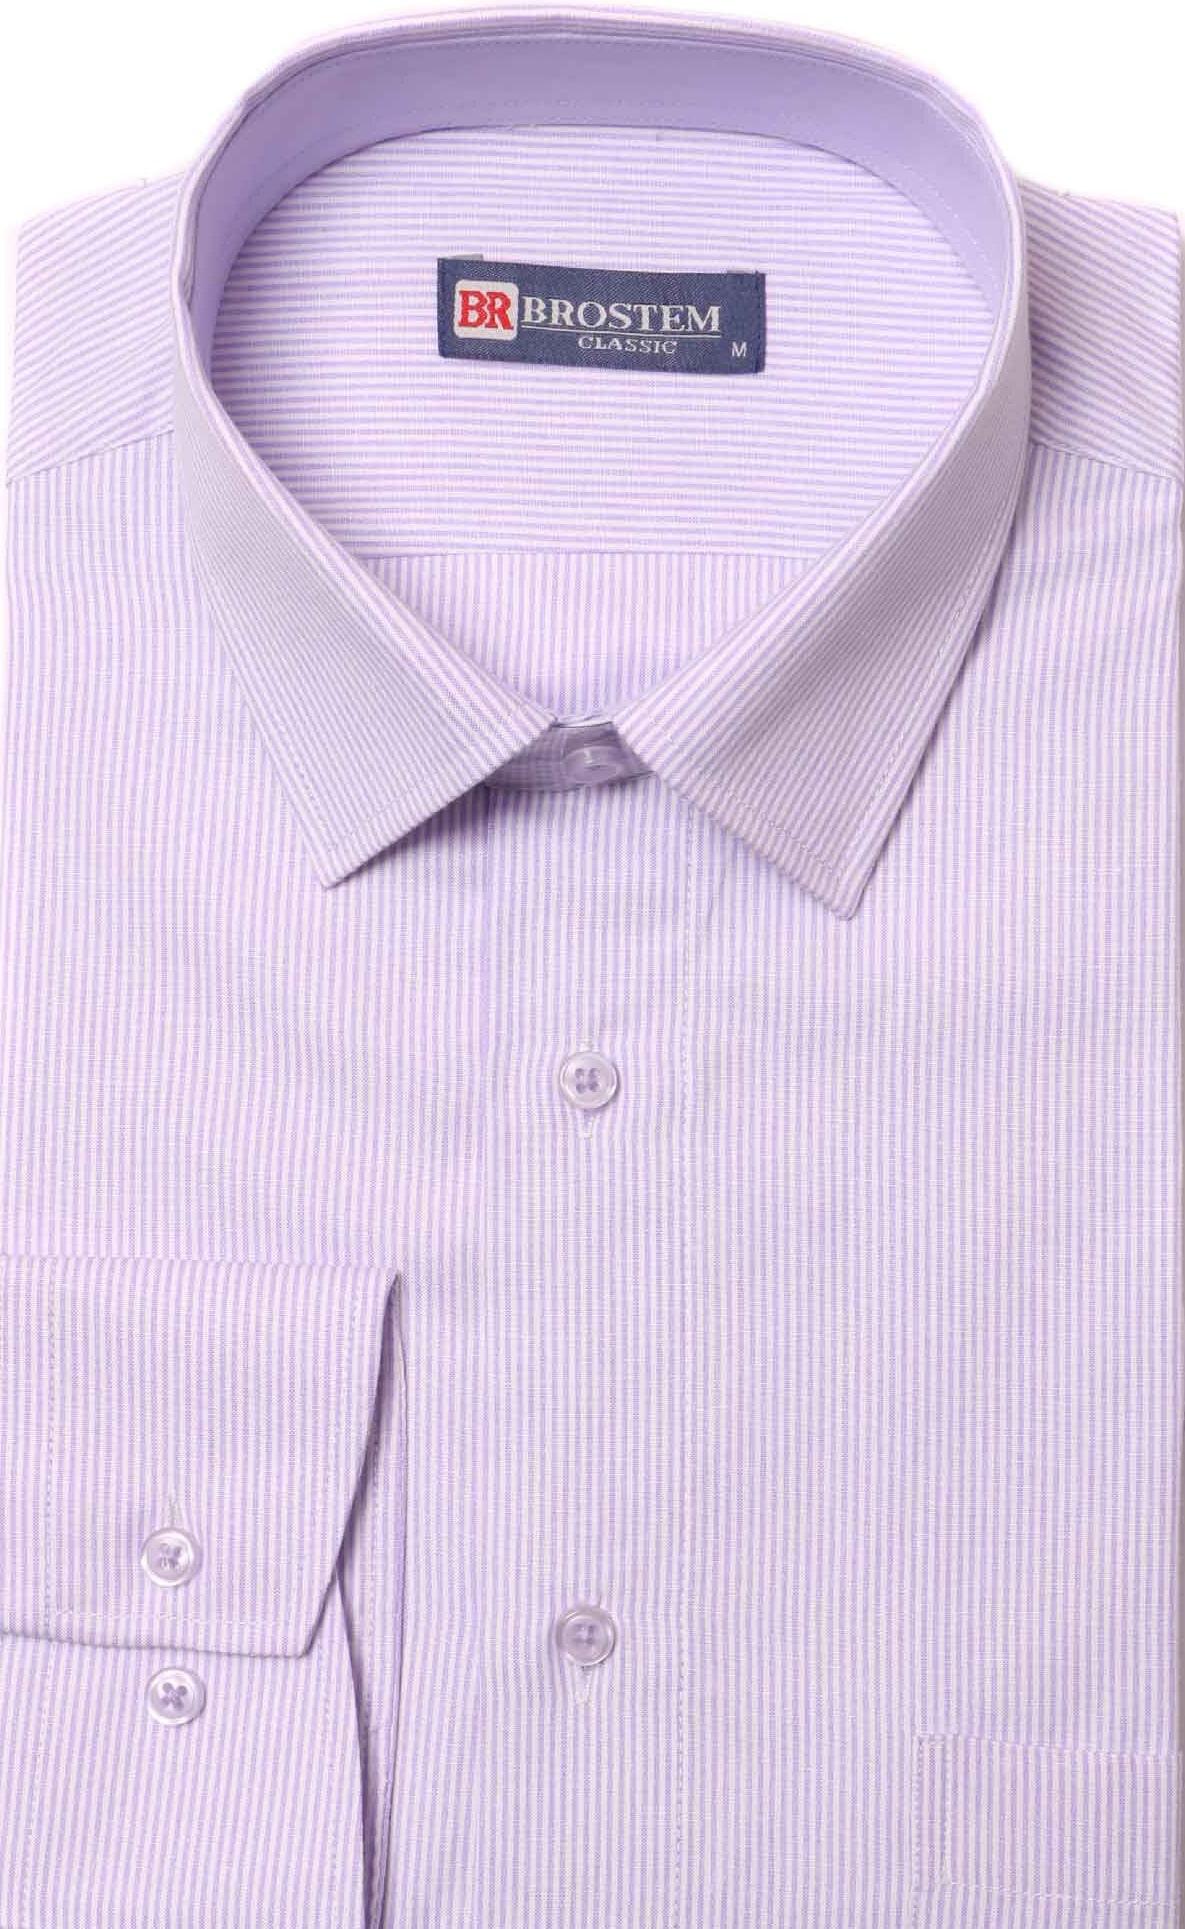 Мужская рубашка в полоску Brostem 8880-12